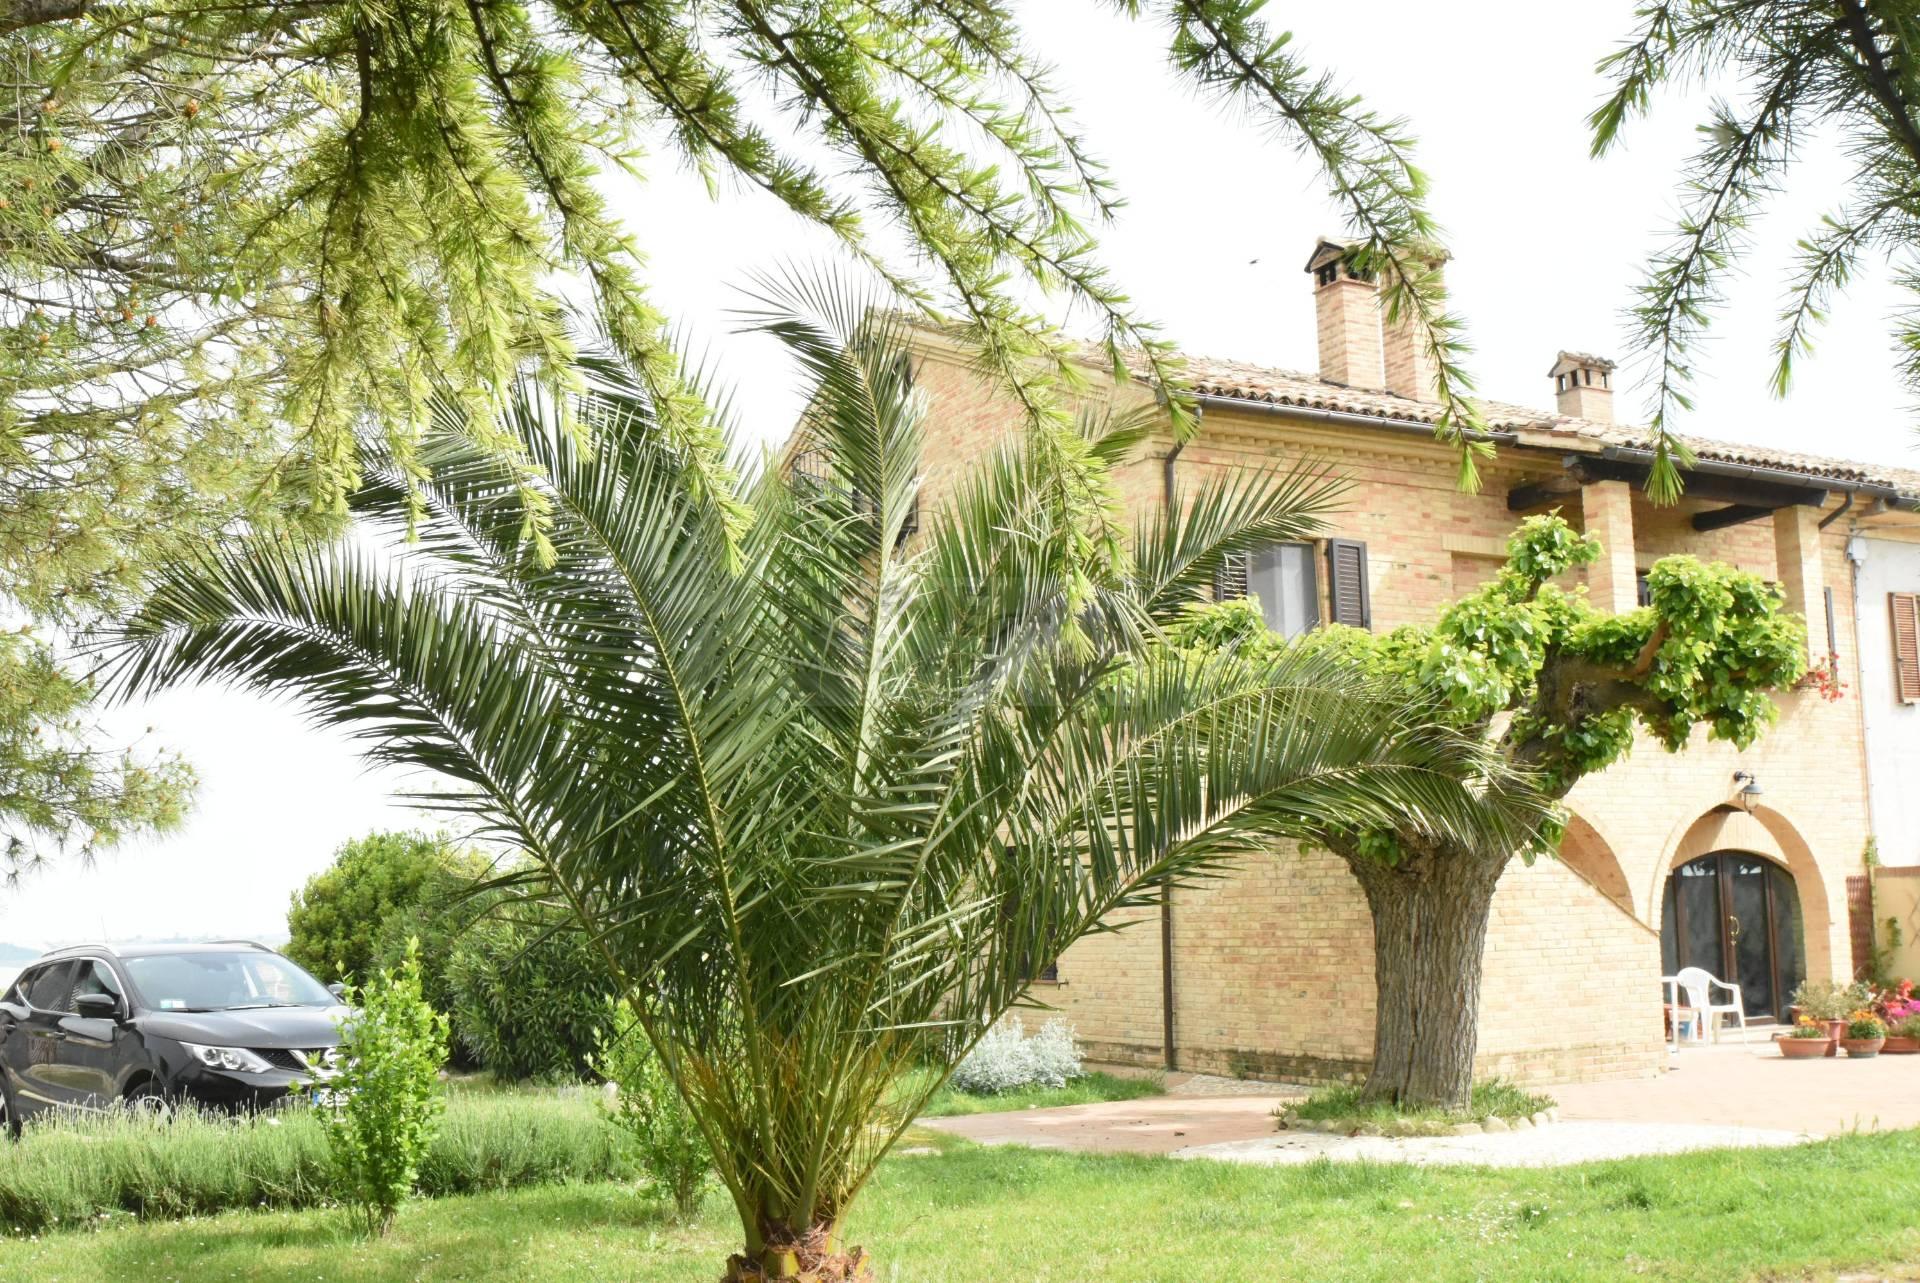 Soluzione Indipendente in vendita a Macerata, 10 locali, zona Zona: Periferia, prezzo € 450.000 | Cambio Casa.it